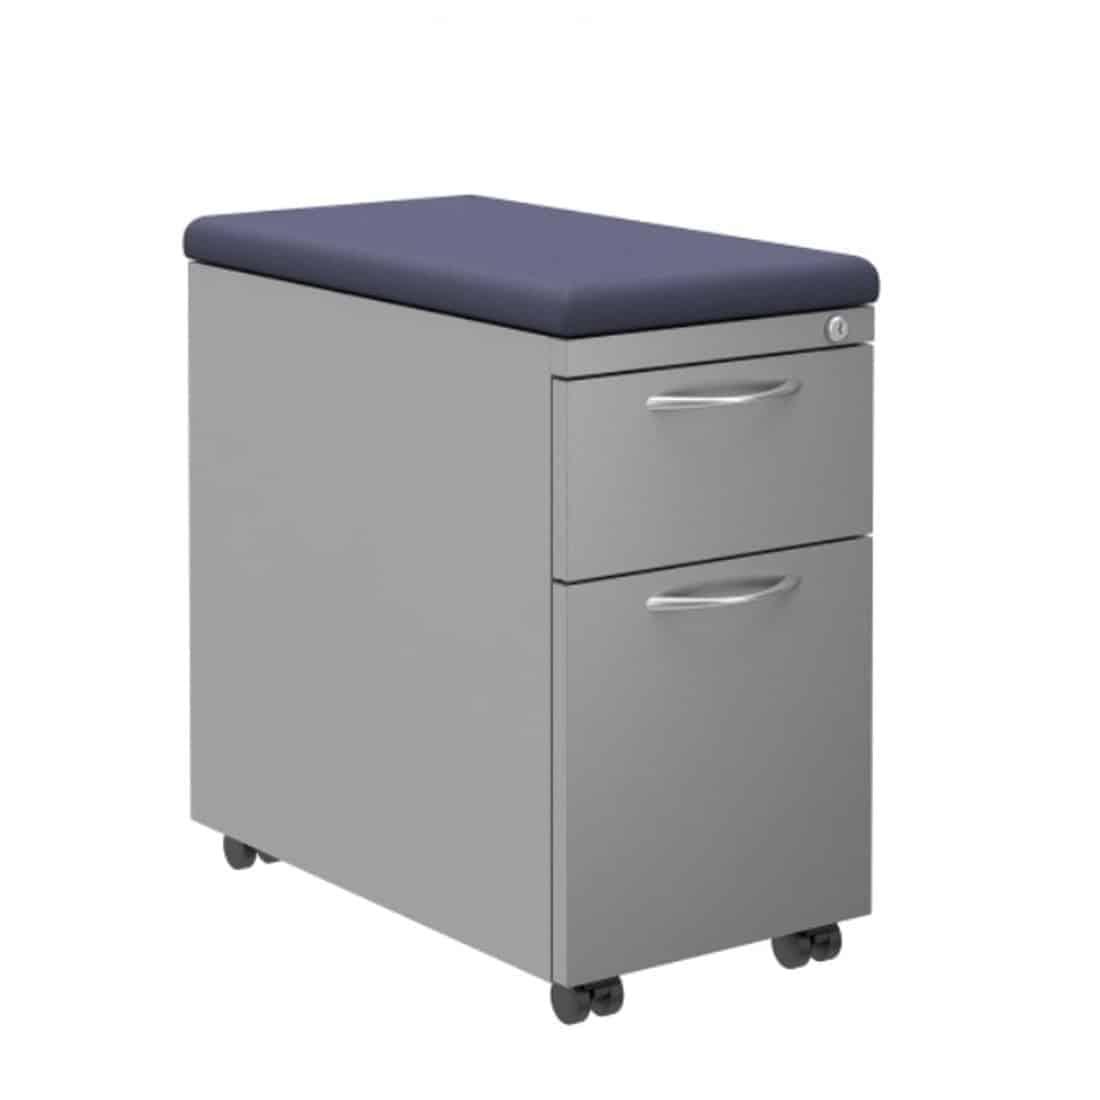 Padded mobile storage pedestal Under-worksurface File/File pedestal